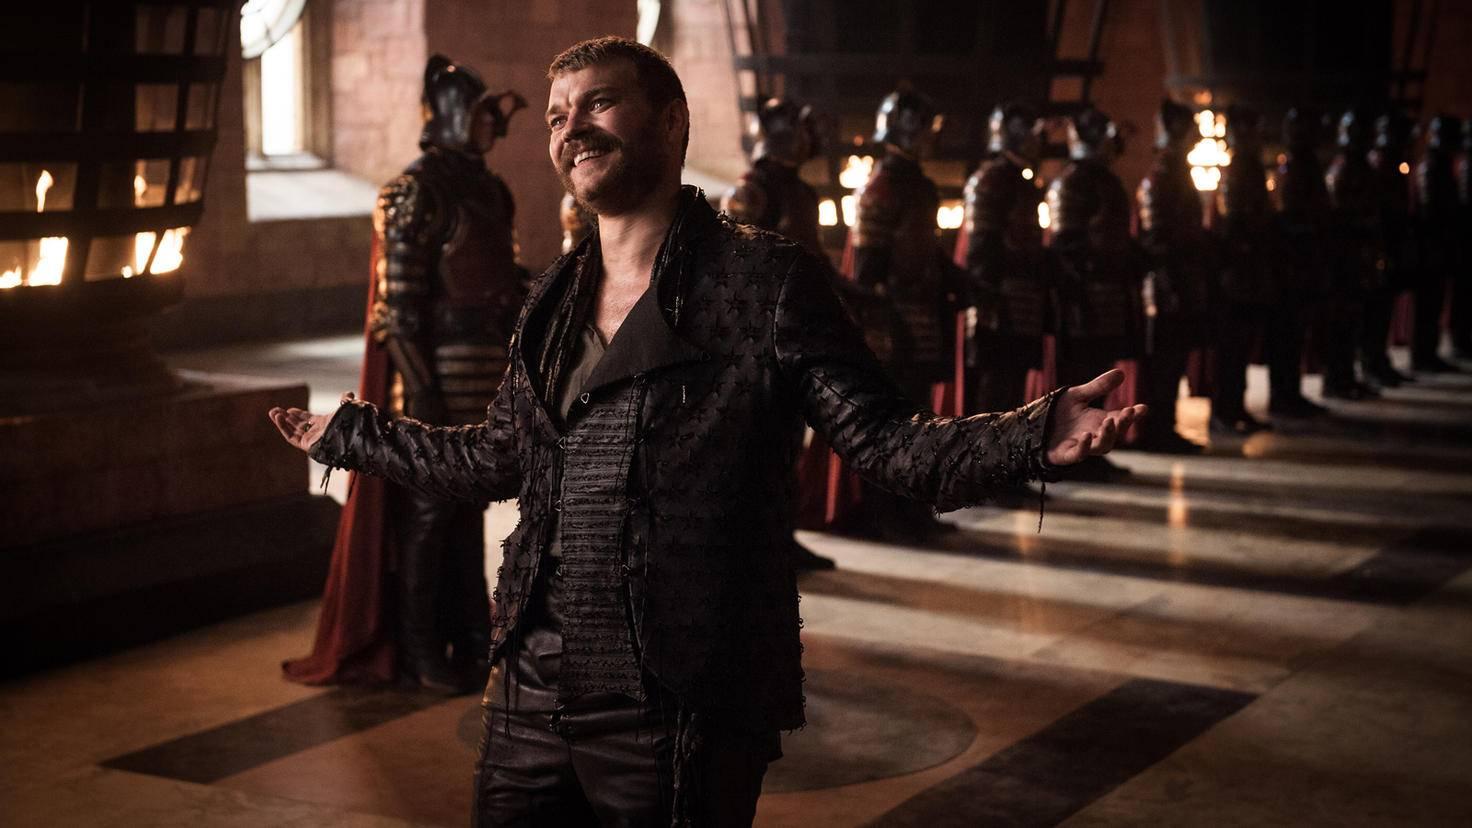 Na, was hat Euron Graufreud wohl für Cersei im Gepäck?